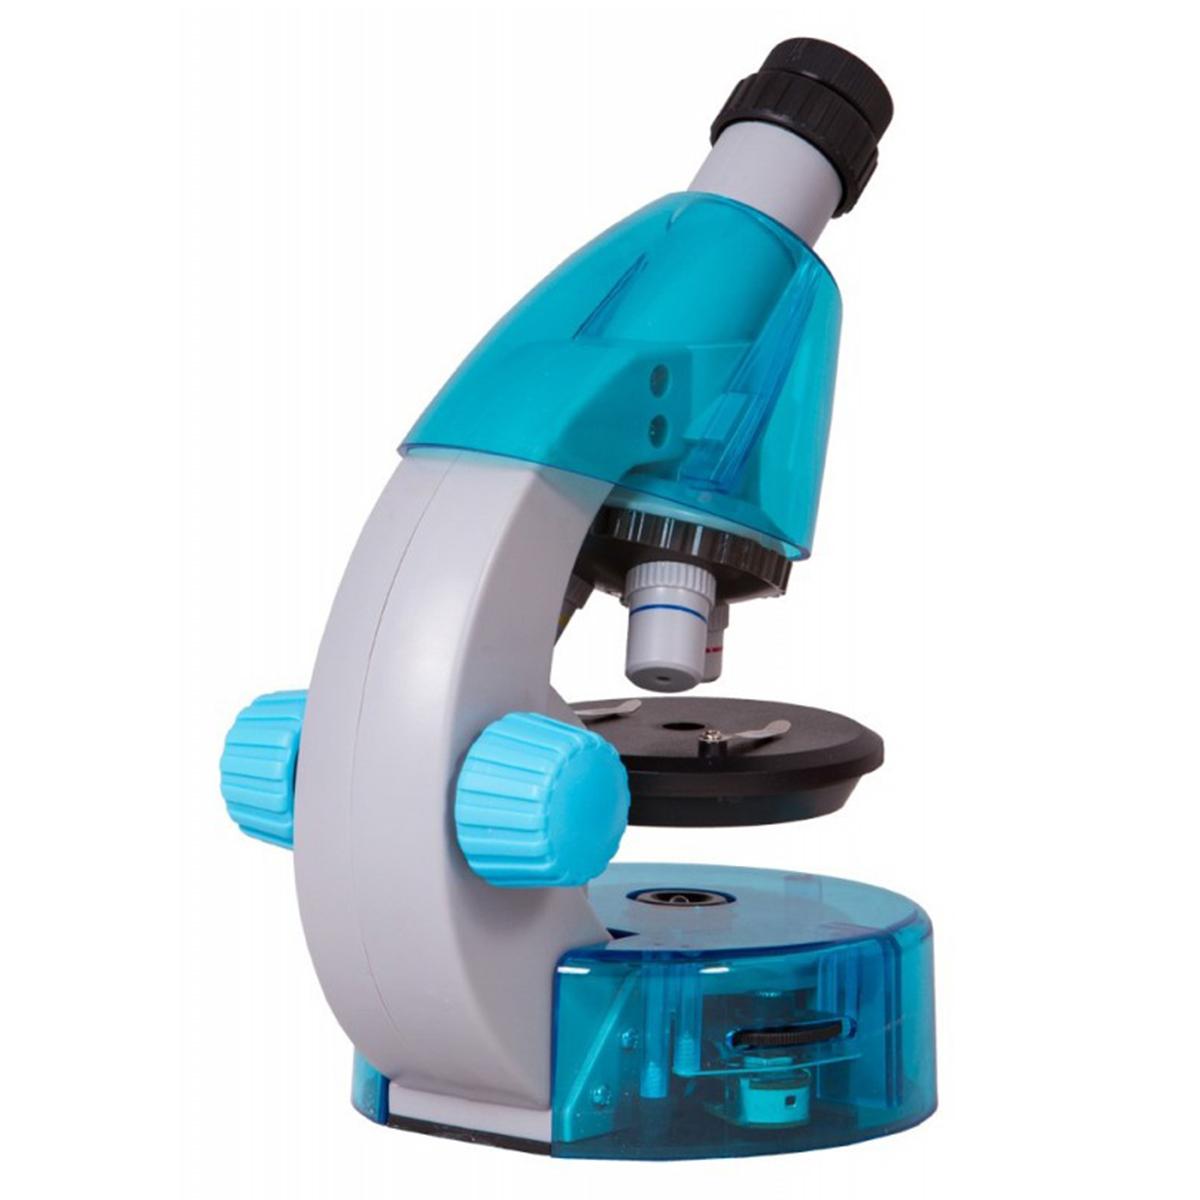 خرید                     میکروسکوپ مدل labZZ کد 10031